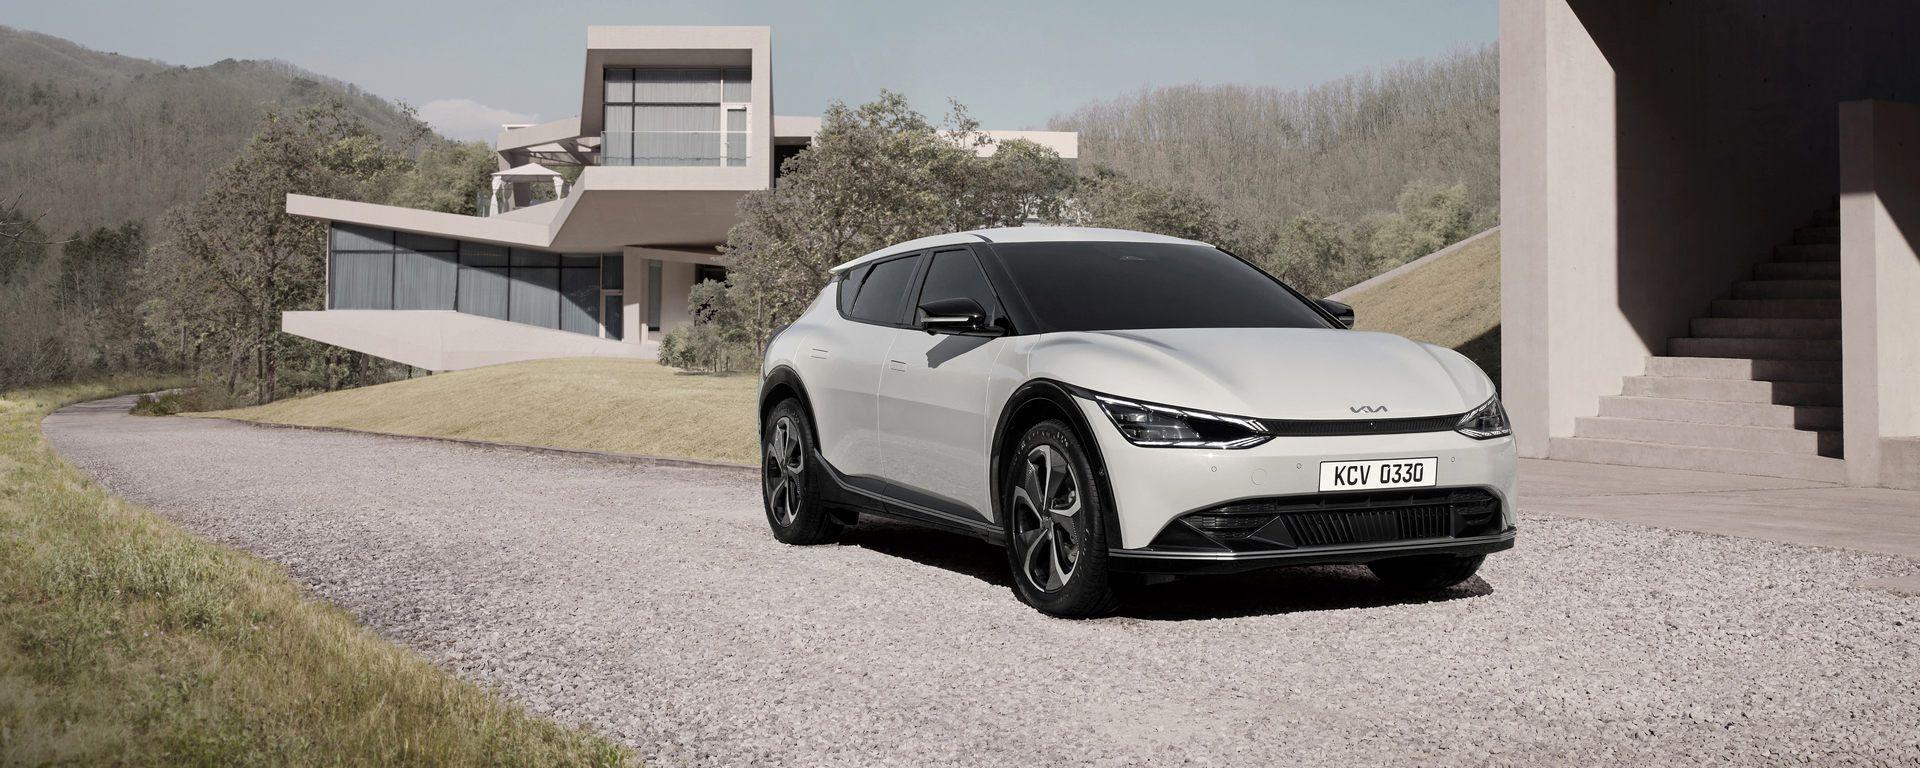 Nuova Kia EV6: il primo SUV elettrico della Casa coreana